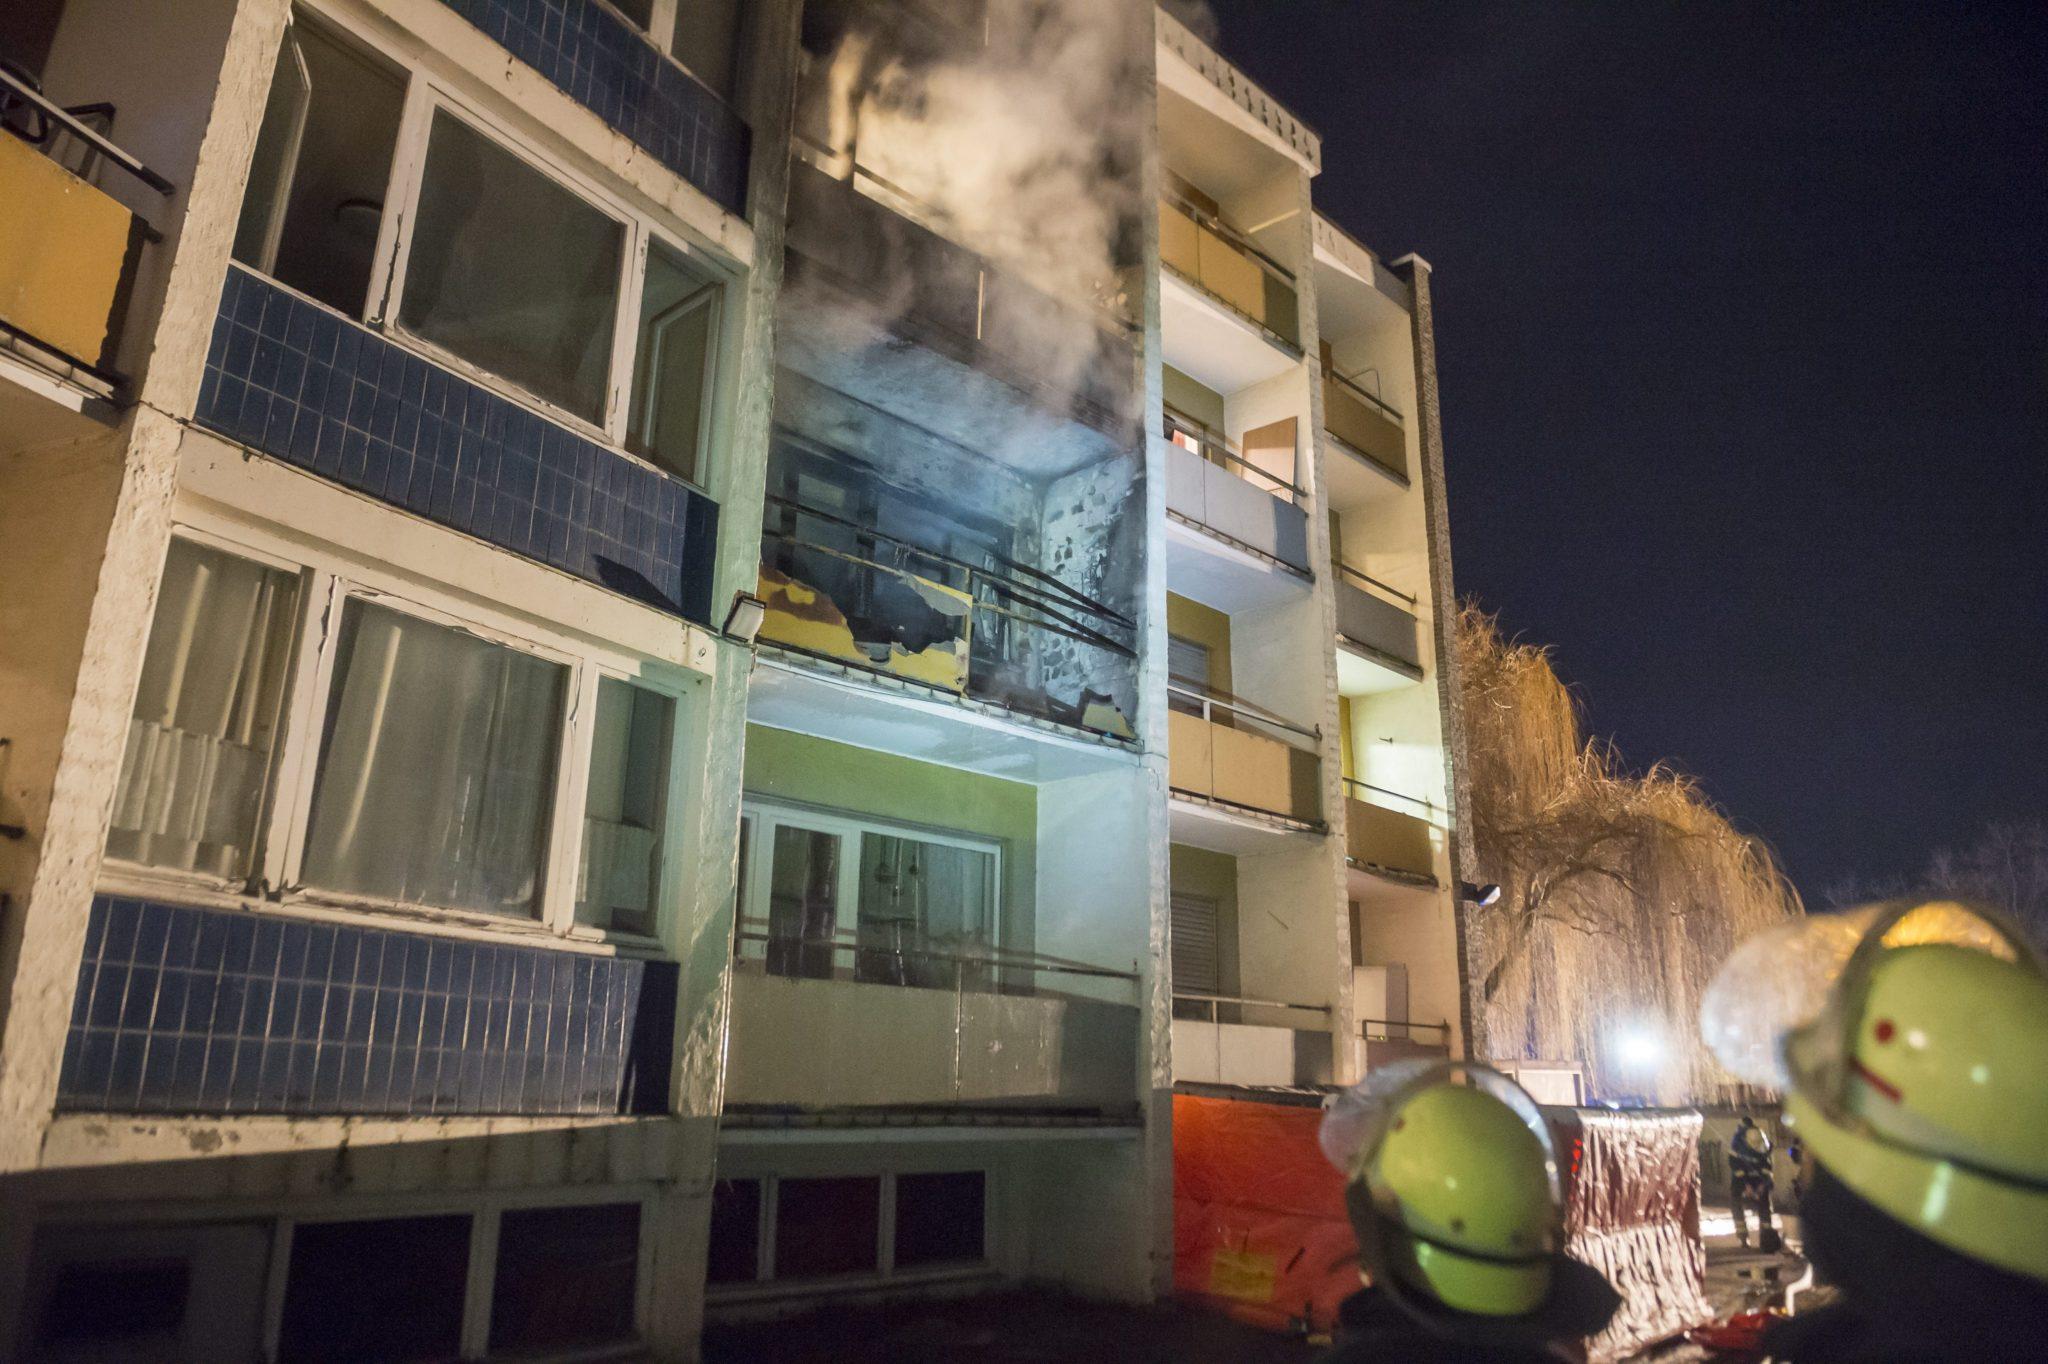 Niemcy: pożar w mieszkaniach socjalnych azylantów w Bad Homburg (foto. PAP/EPA/SVEN-SEBASTIAN SAJAK)